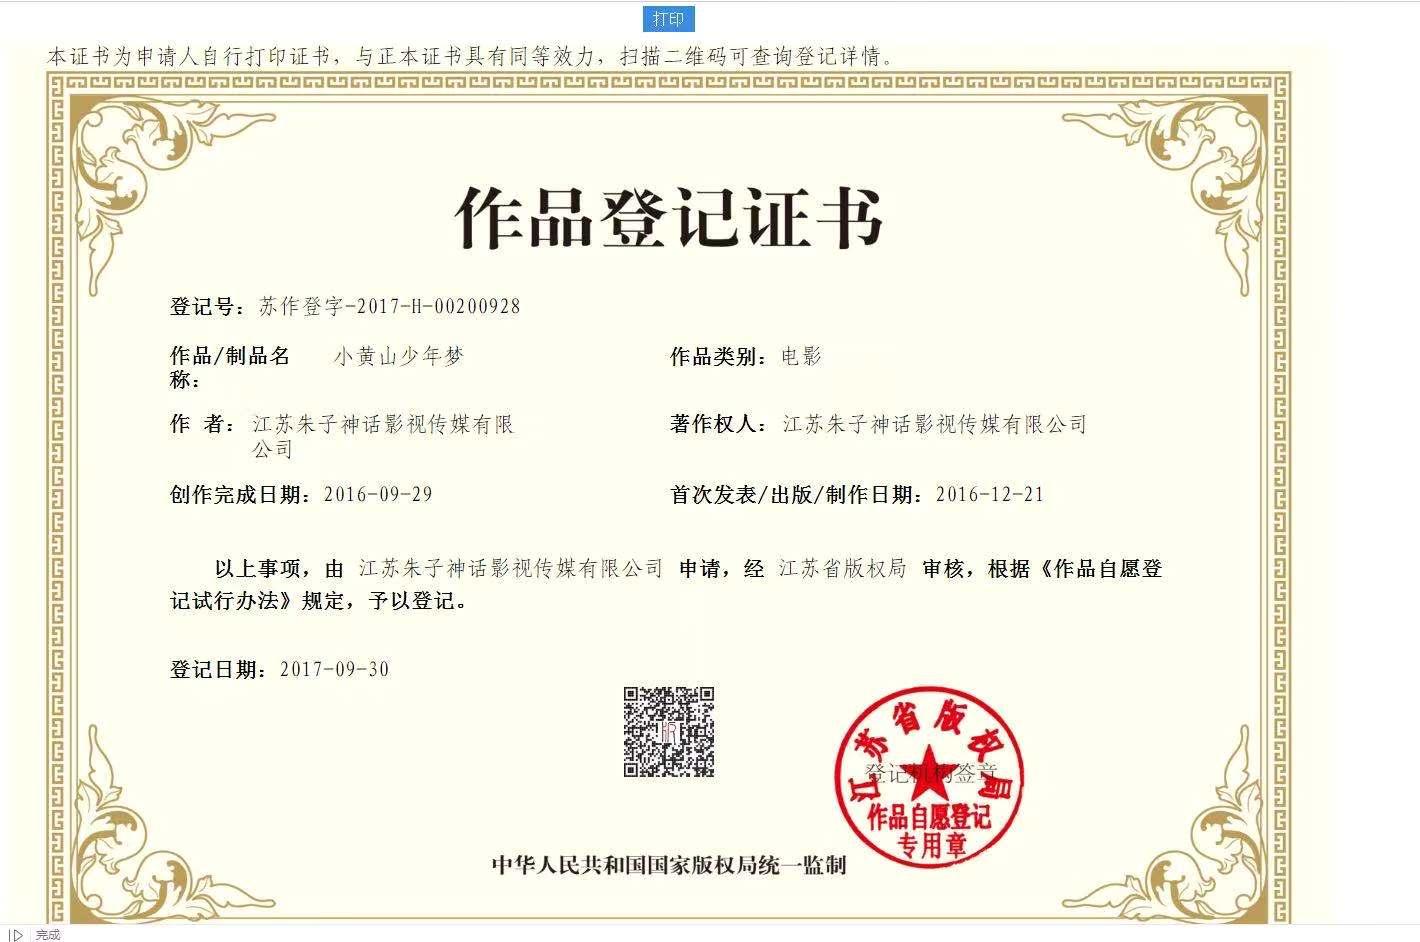 《小黄山少年梦》作品登记证书